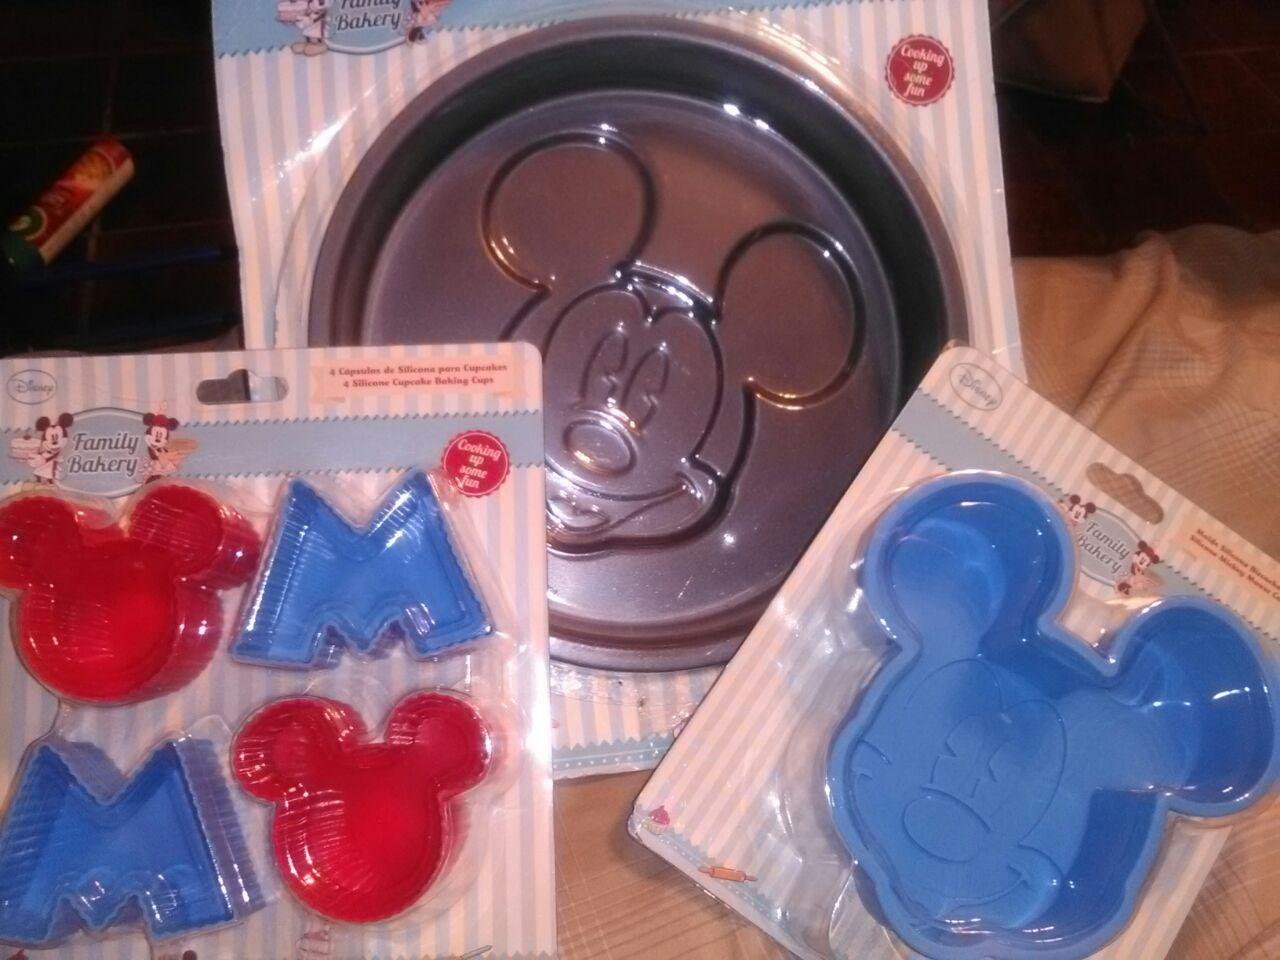 Walmart Las Torres: Moldes de Mickey Mouse $21.01